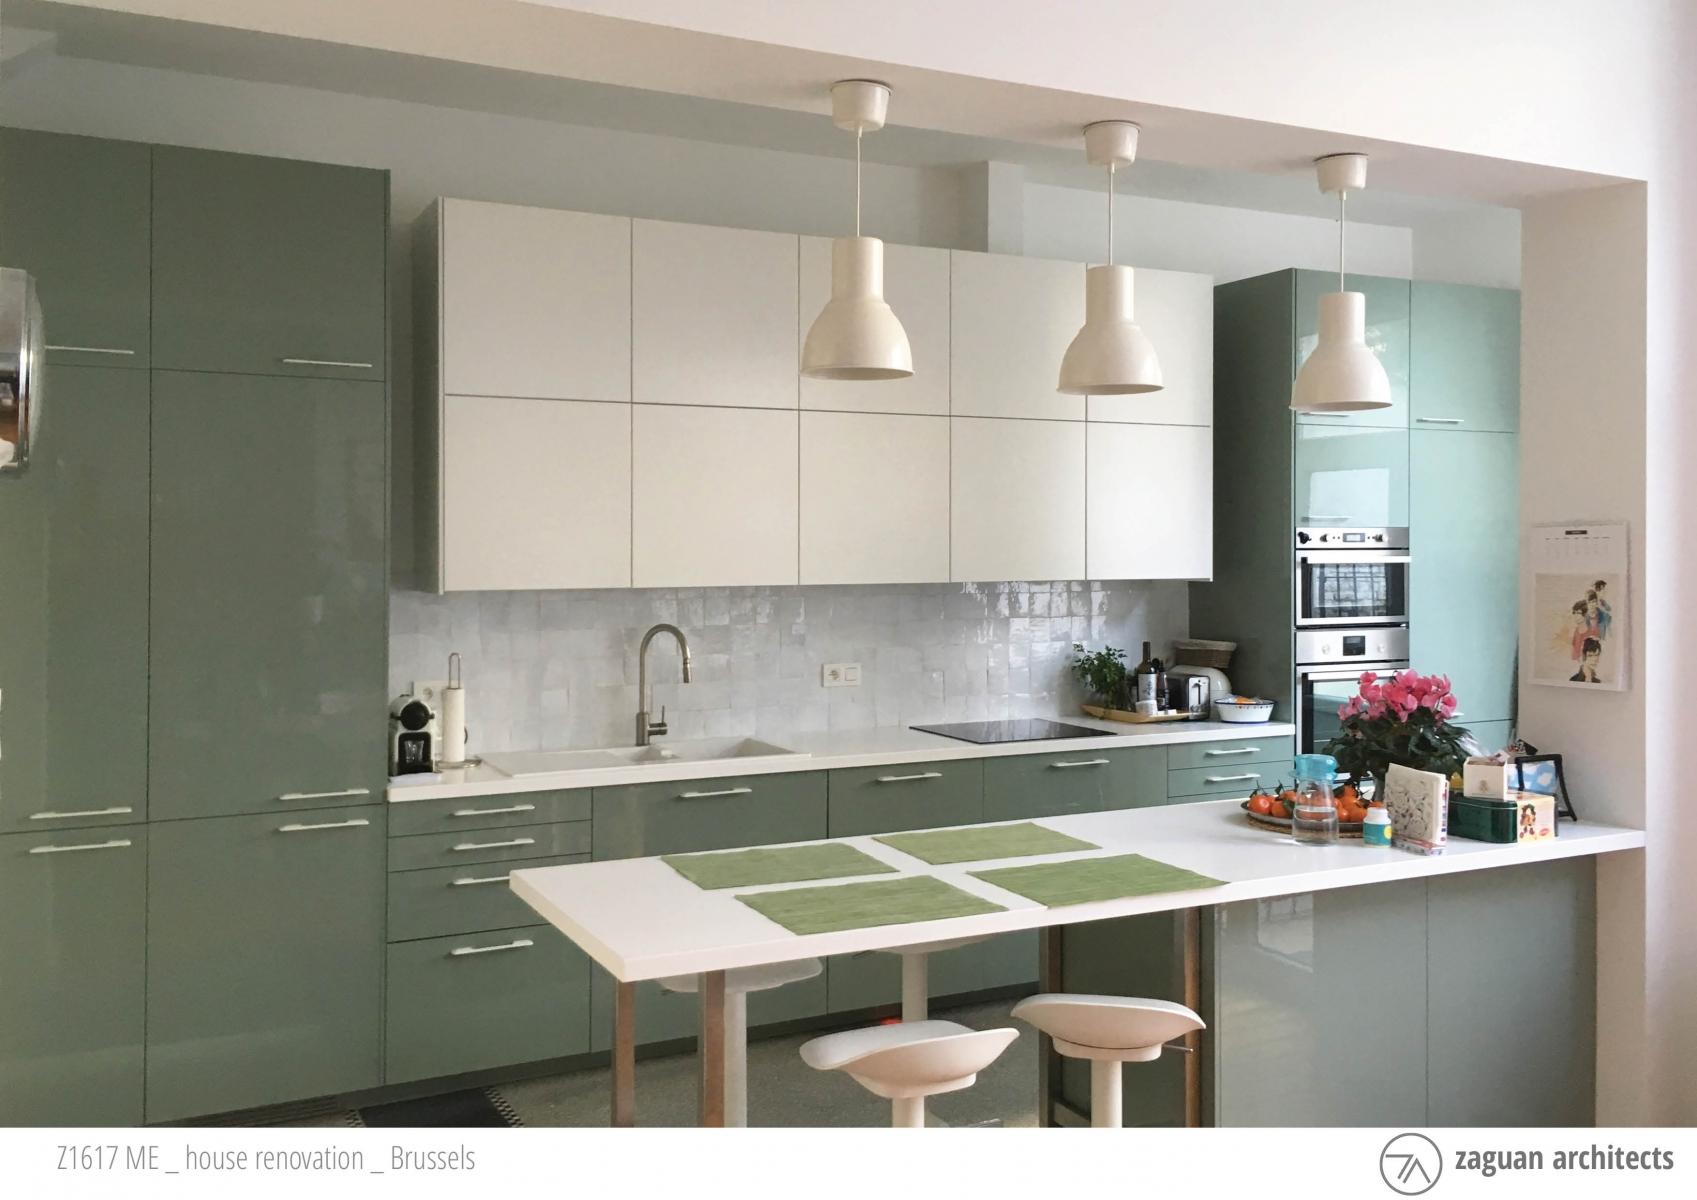 zaguanarchitects house renovation brussels Z1617 002